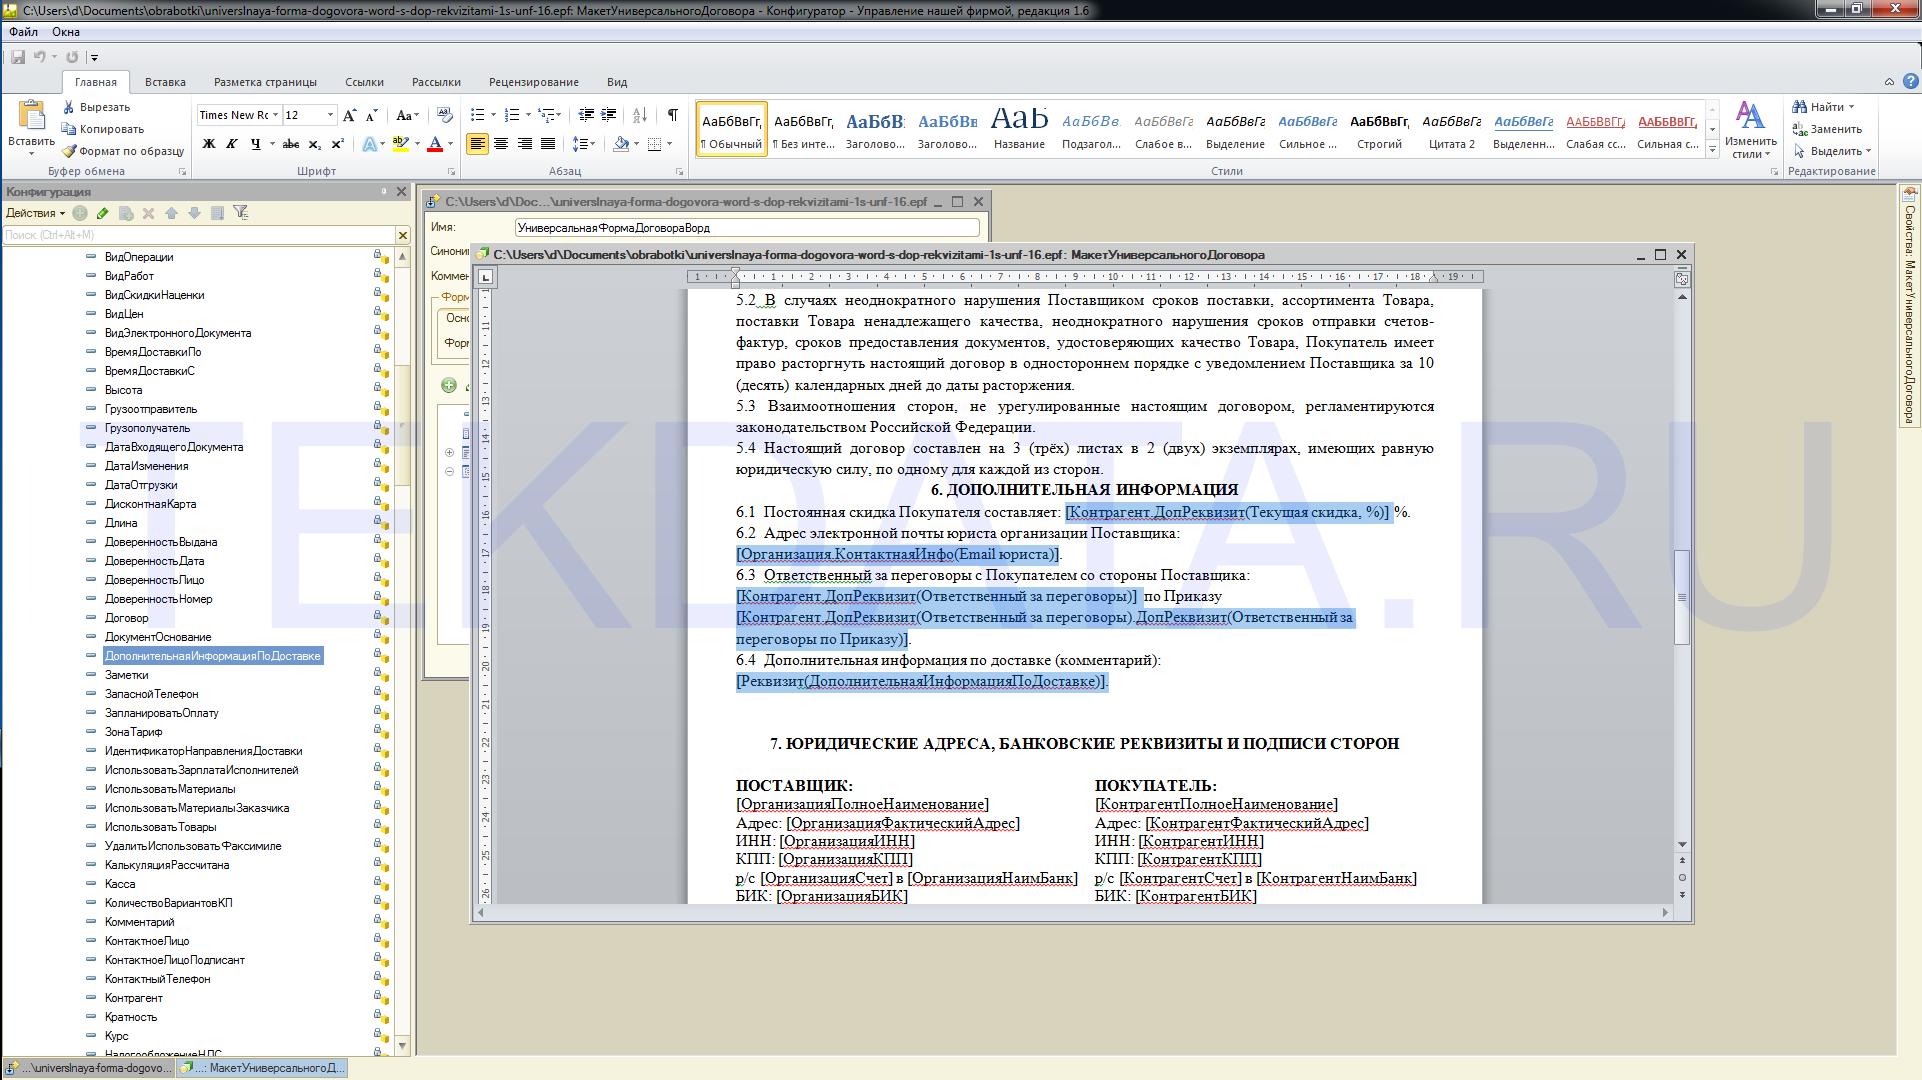 Универсальная печатная форма договора в формате Word с выводом доп. реквизитов для 1С:УНФ 1.6 (внешняя обработка *.epf) | tekdata.ru